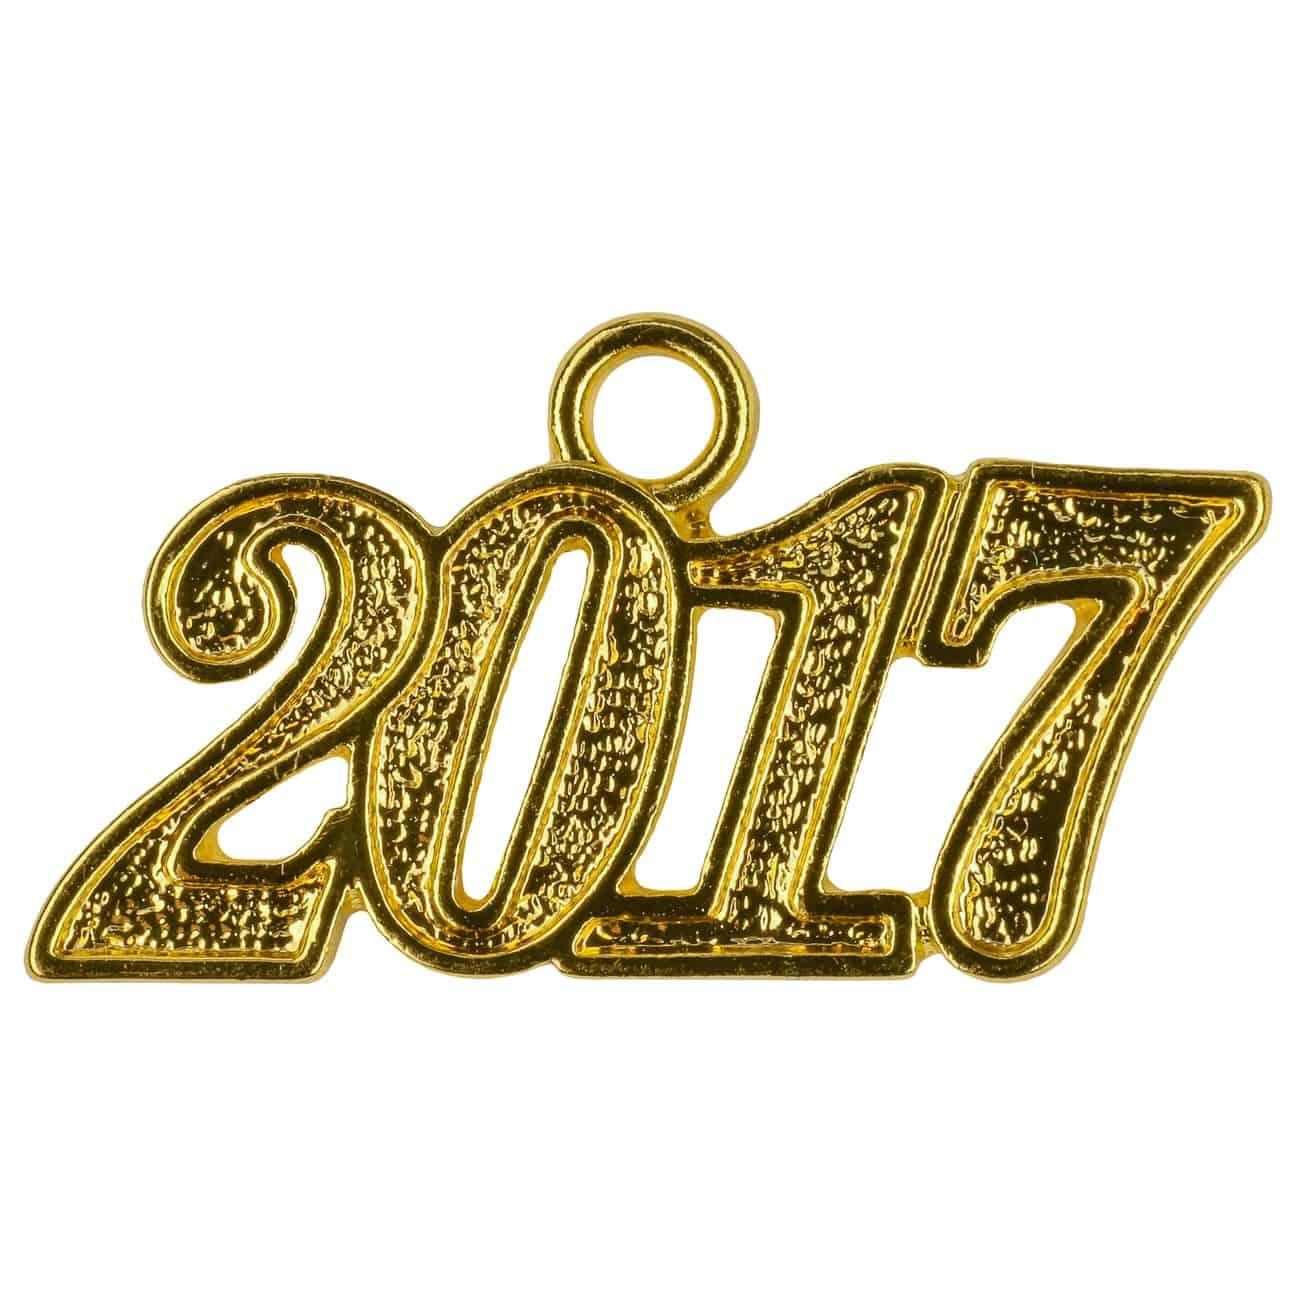 Colgante 2017 para Sombrero de Graduaci?n  sombrero de graduaci?n